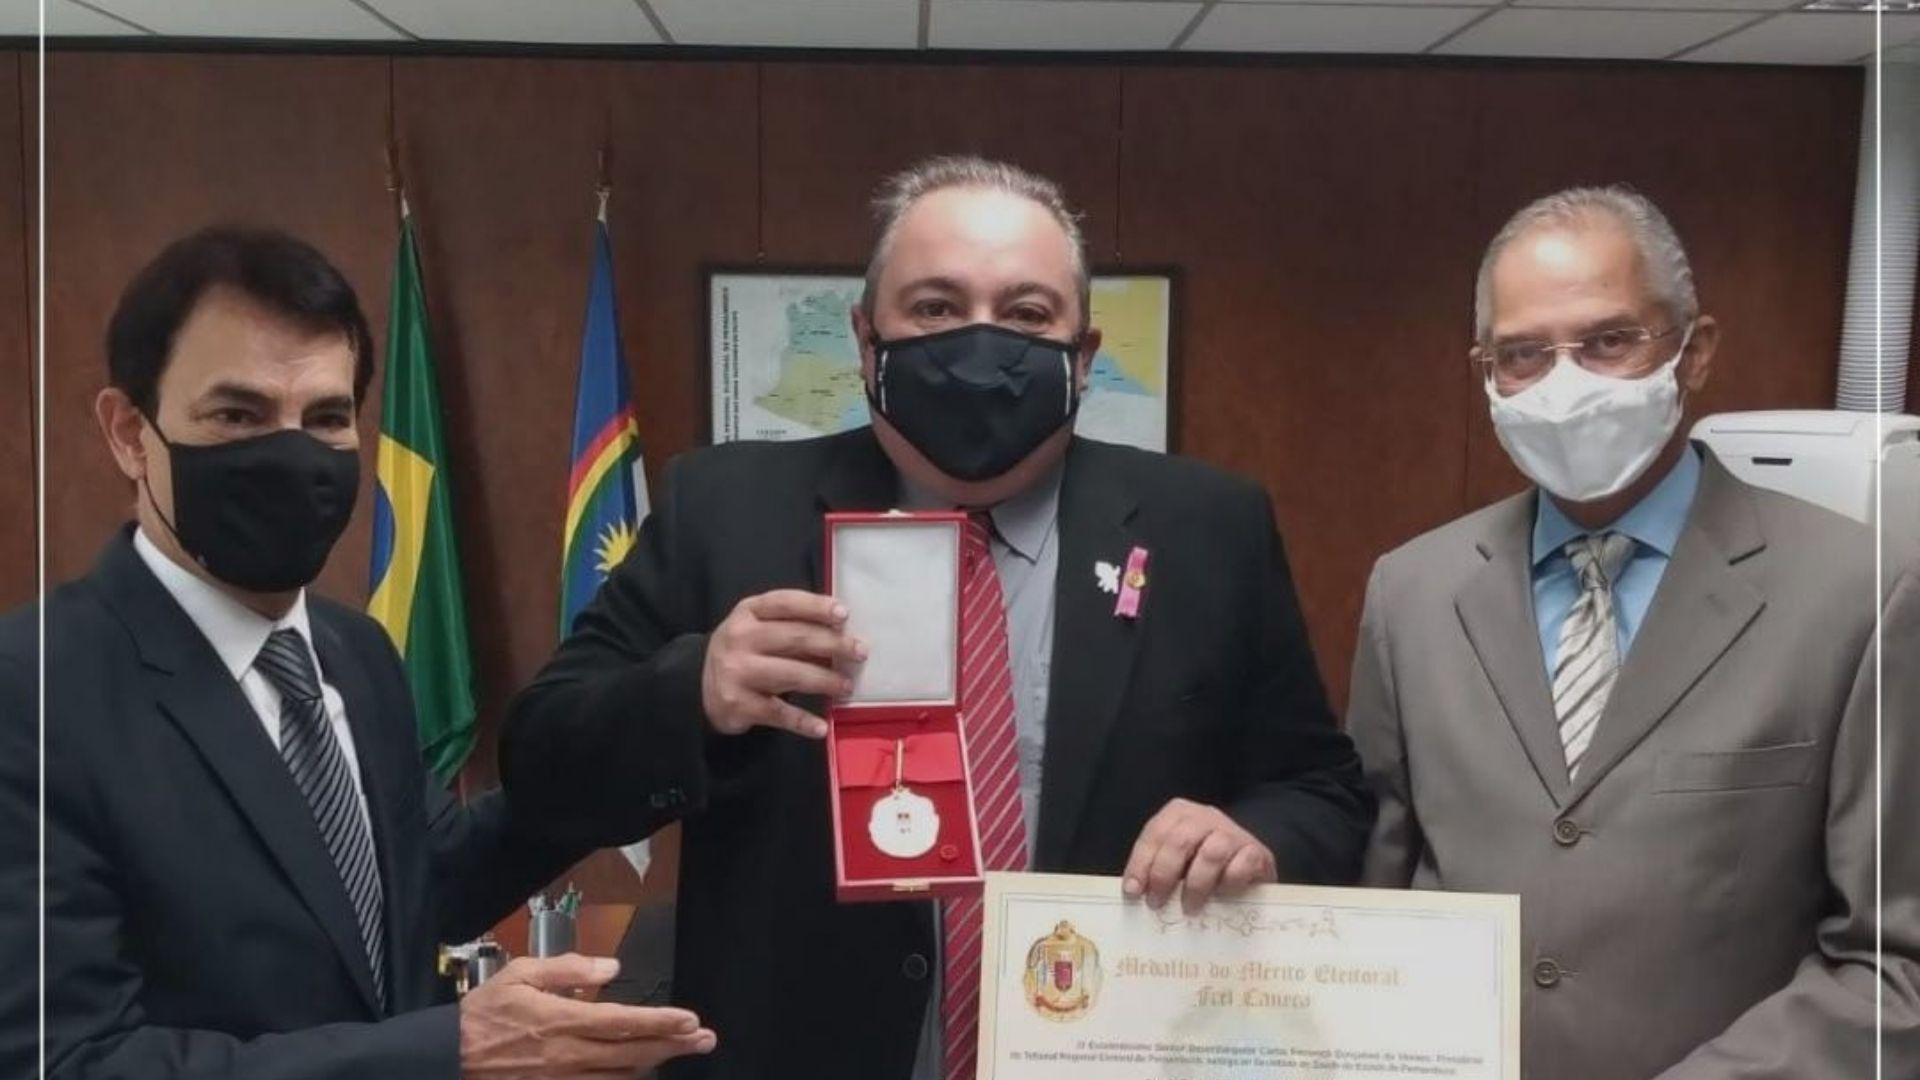 Secretário de Saúde de Pernambuco, André Longo, recebe Medalha do Mérito Eleitoral Frei Caneca do TRE-PE